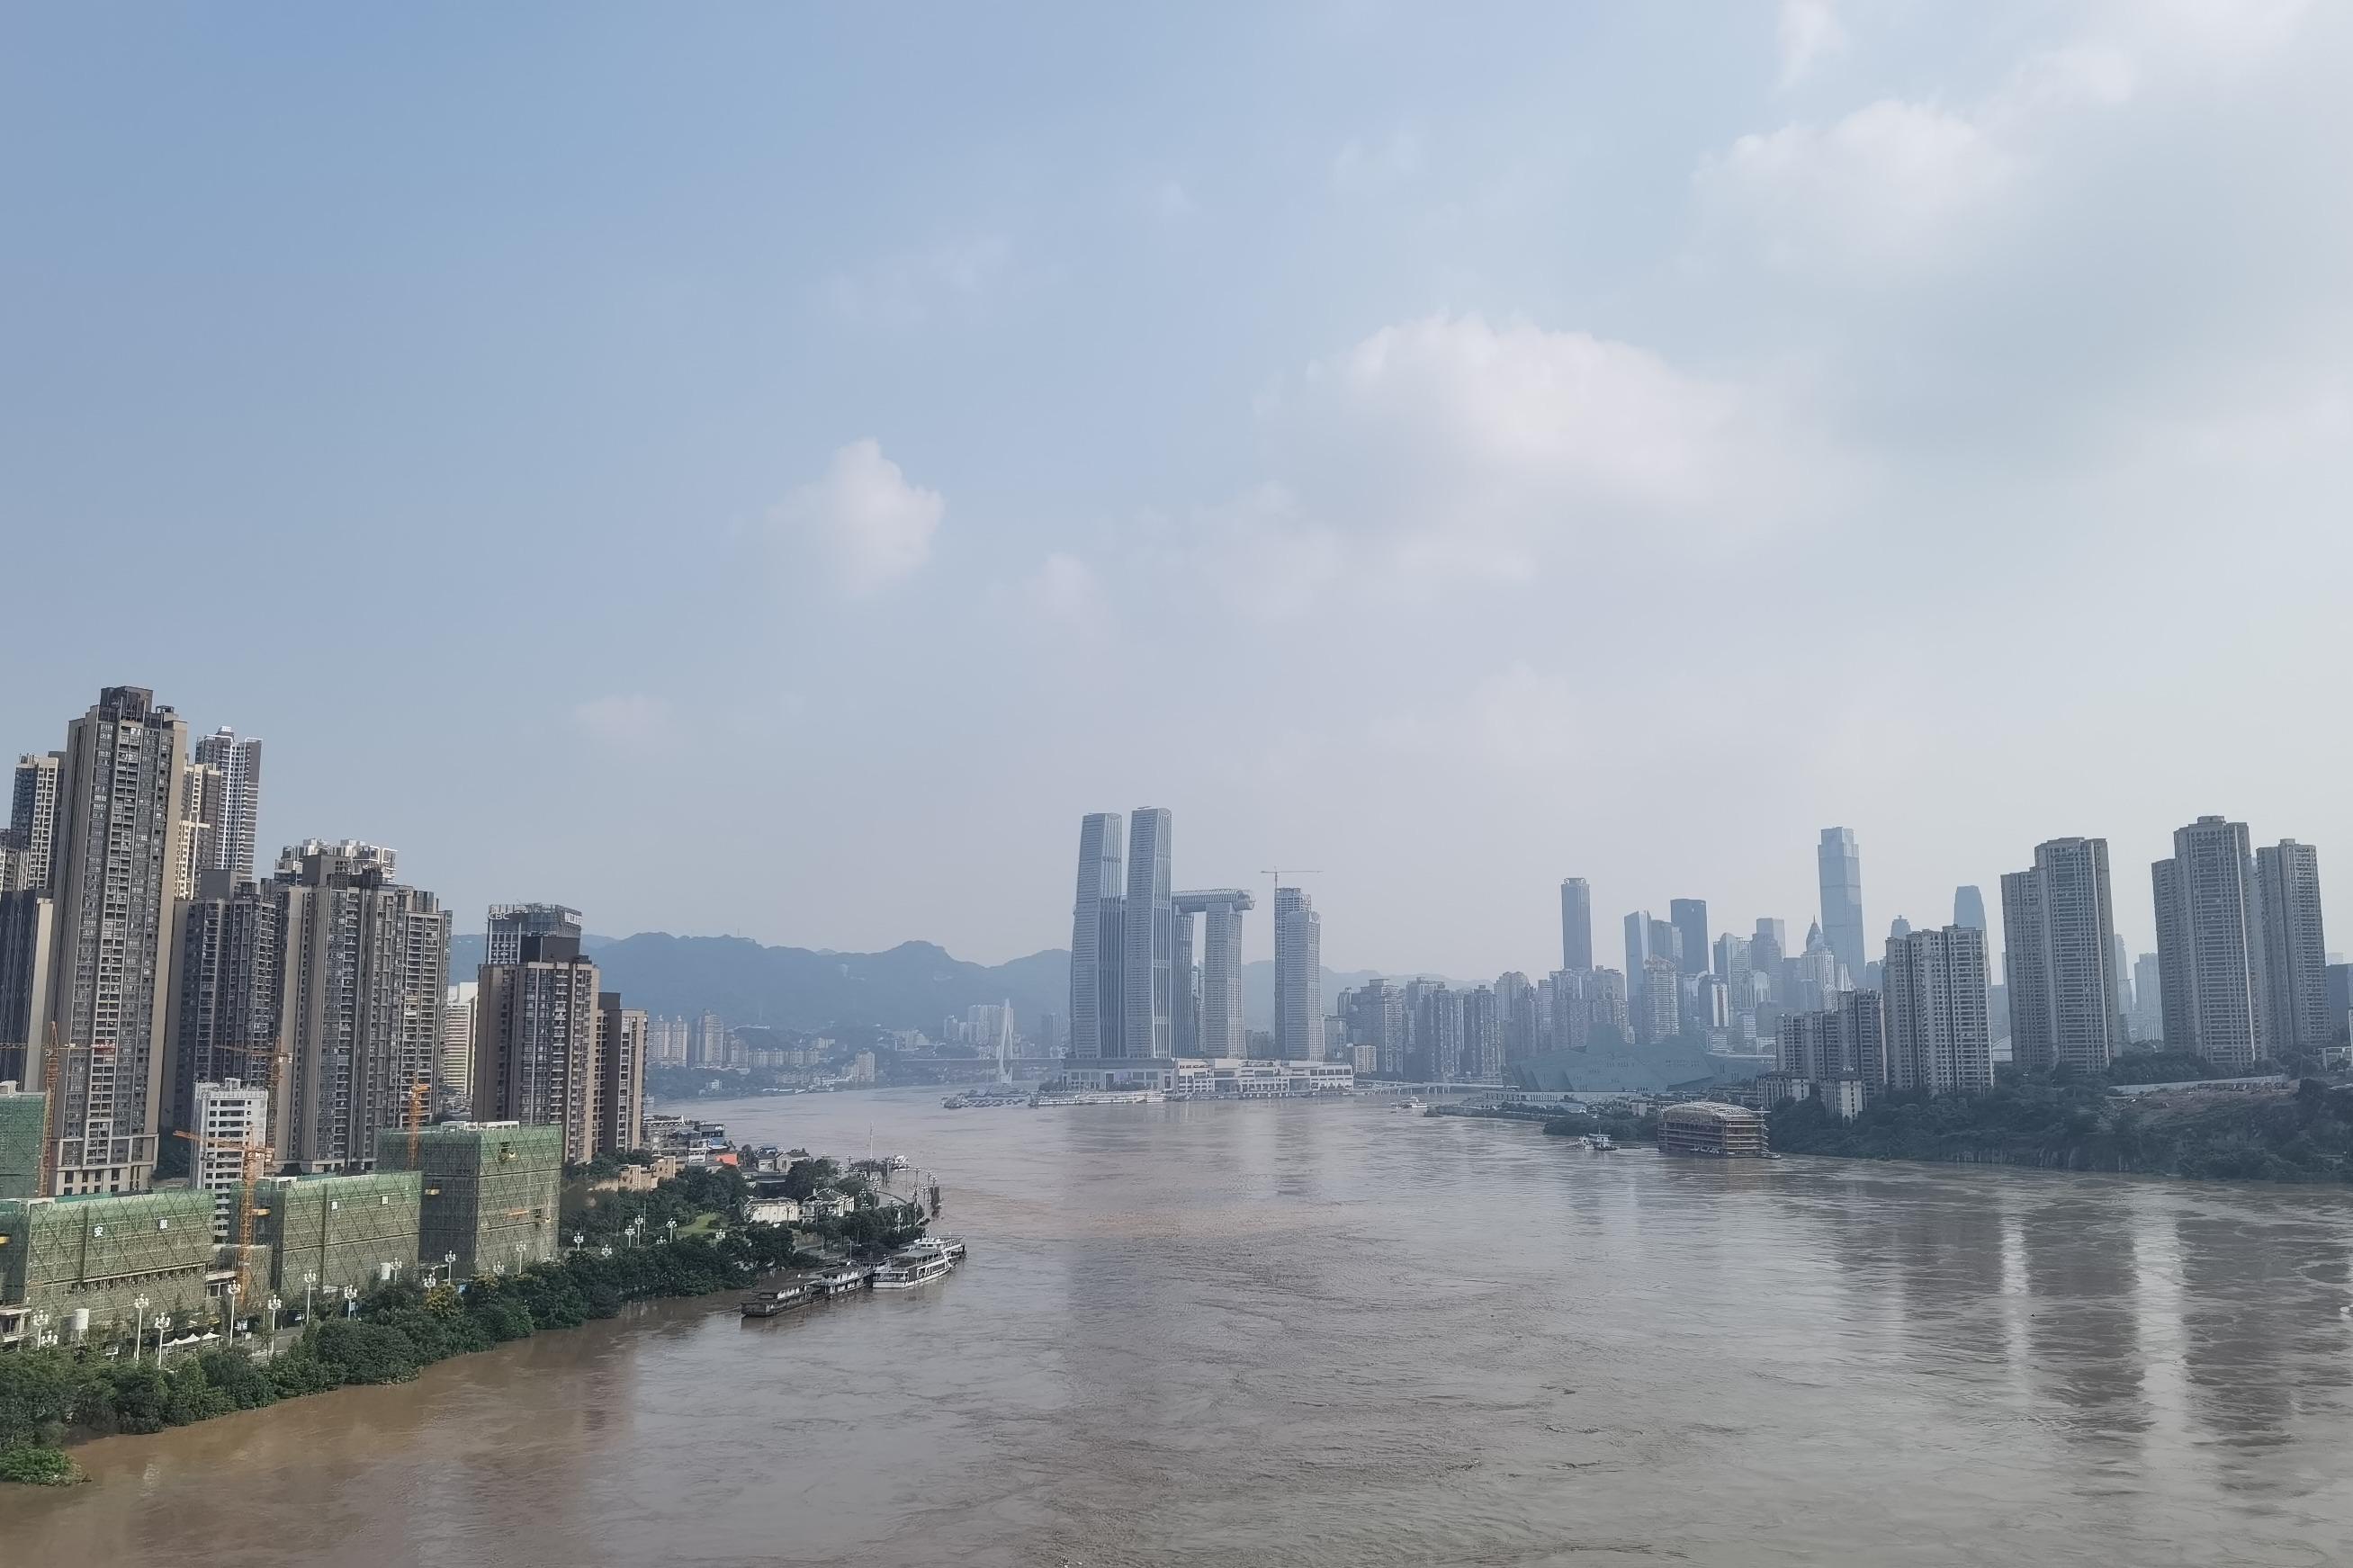 视频丨山城遭遇洪水考验  市民游客信心满满